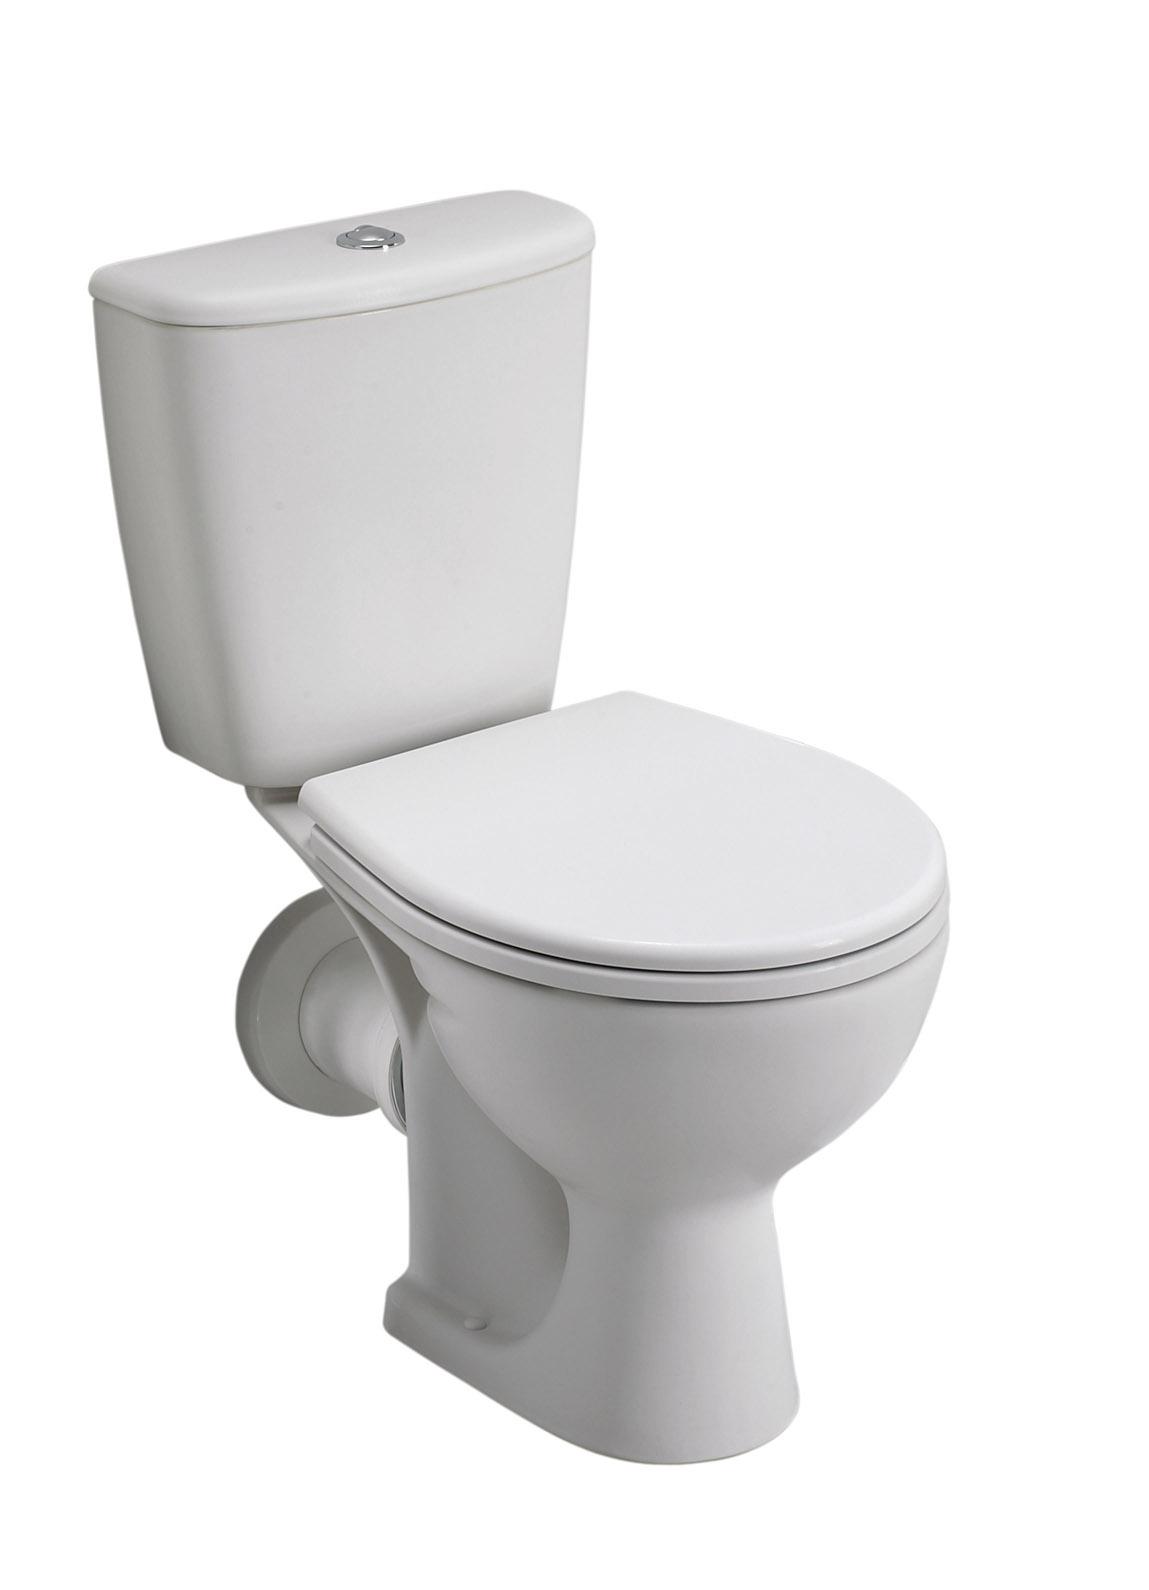 Kolo Rekord - WC kombi SET, smontovaný, odpad svislý K99005000